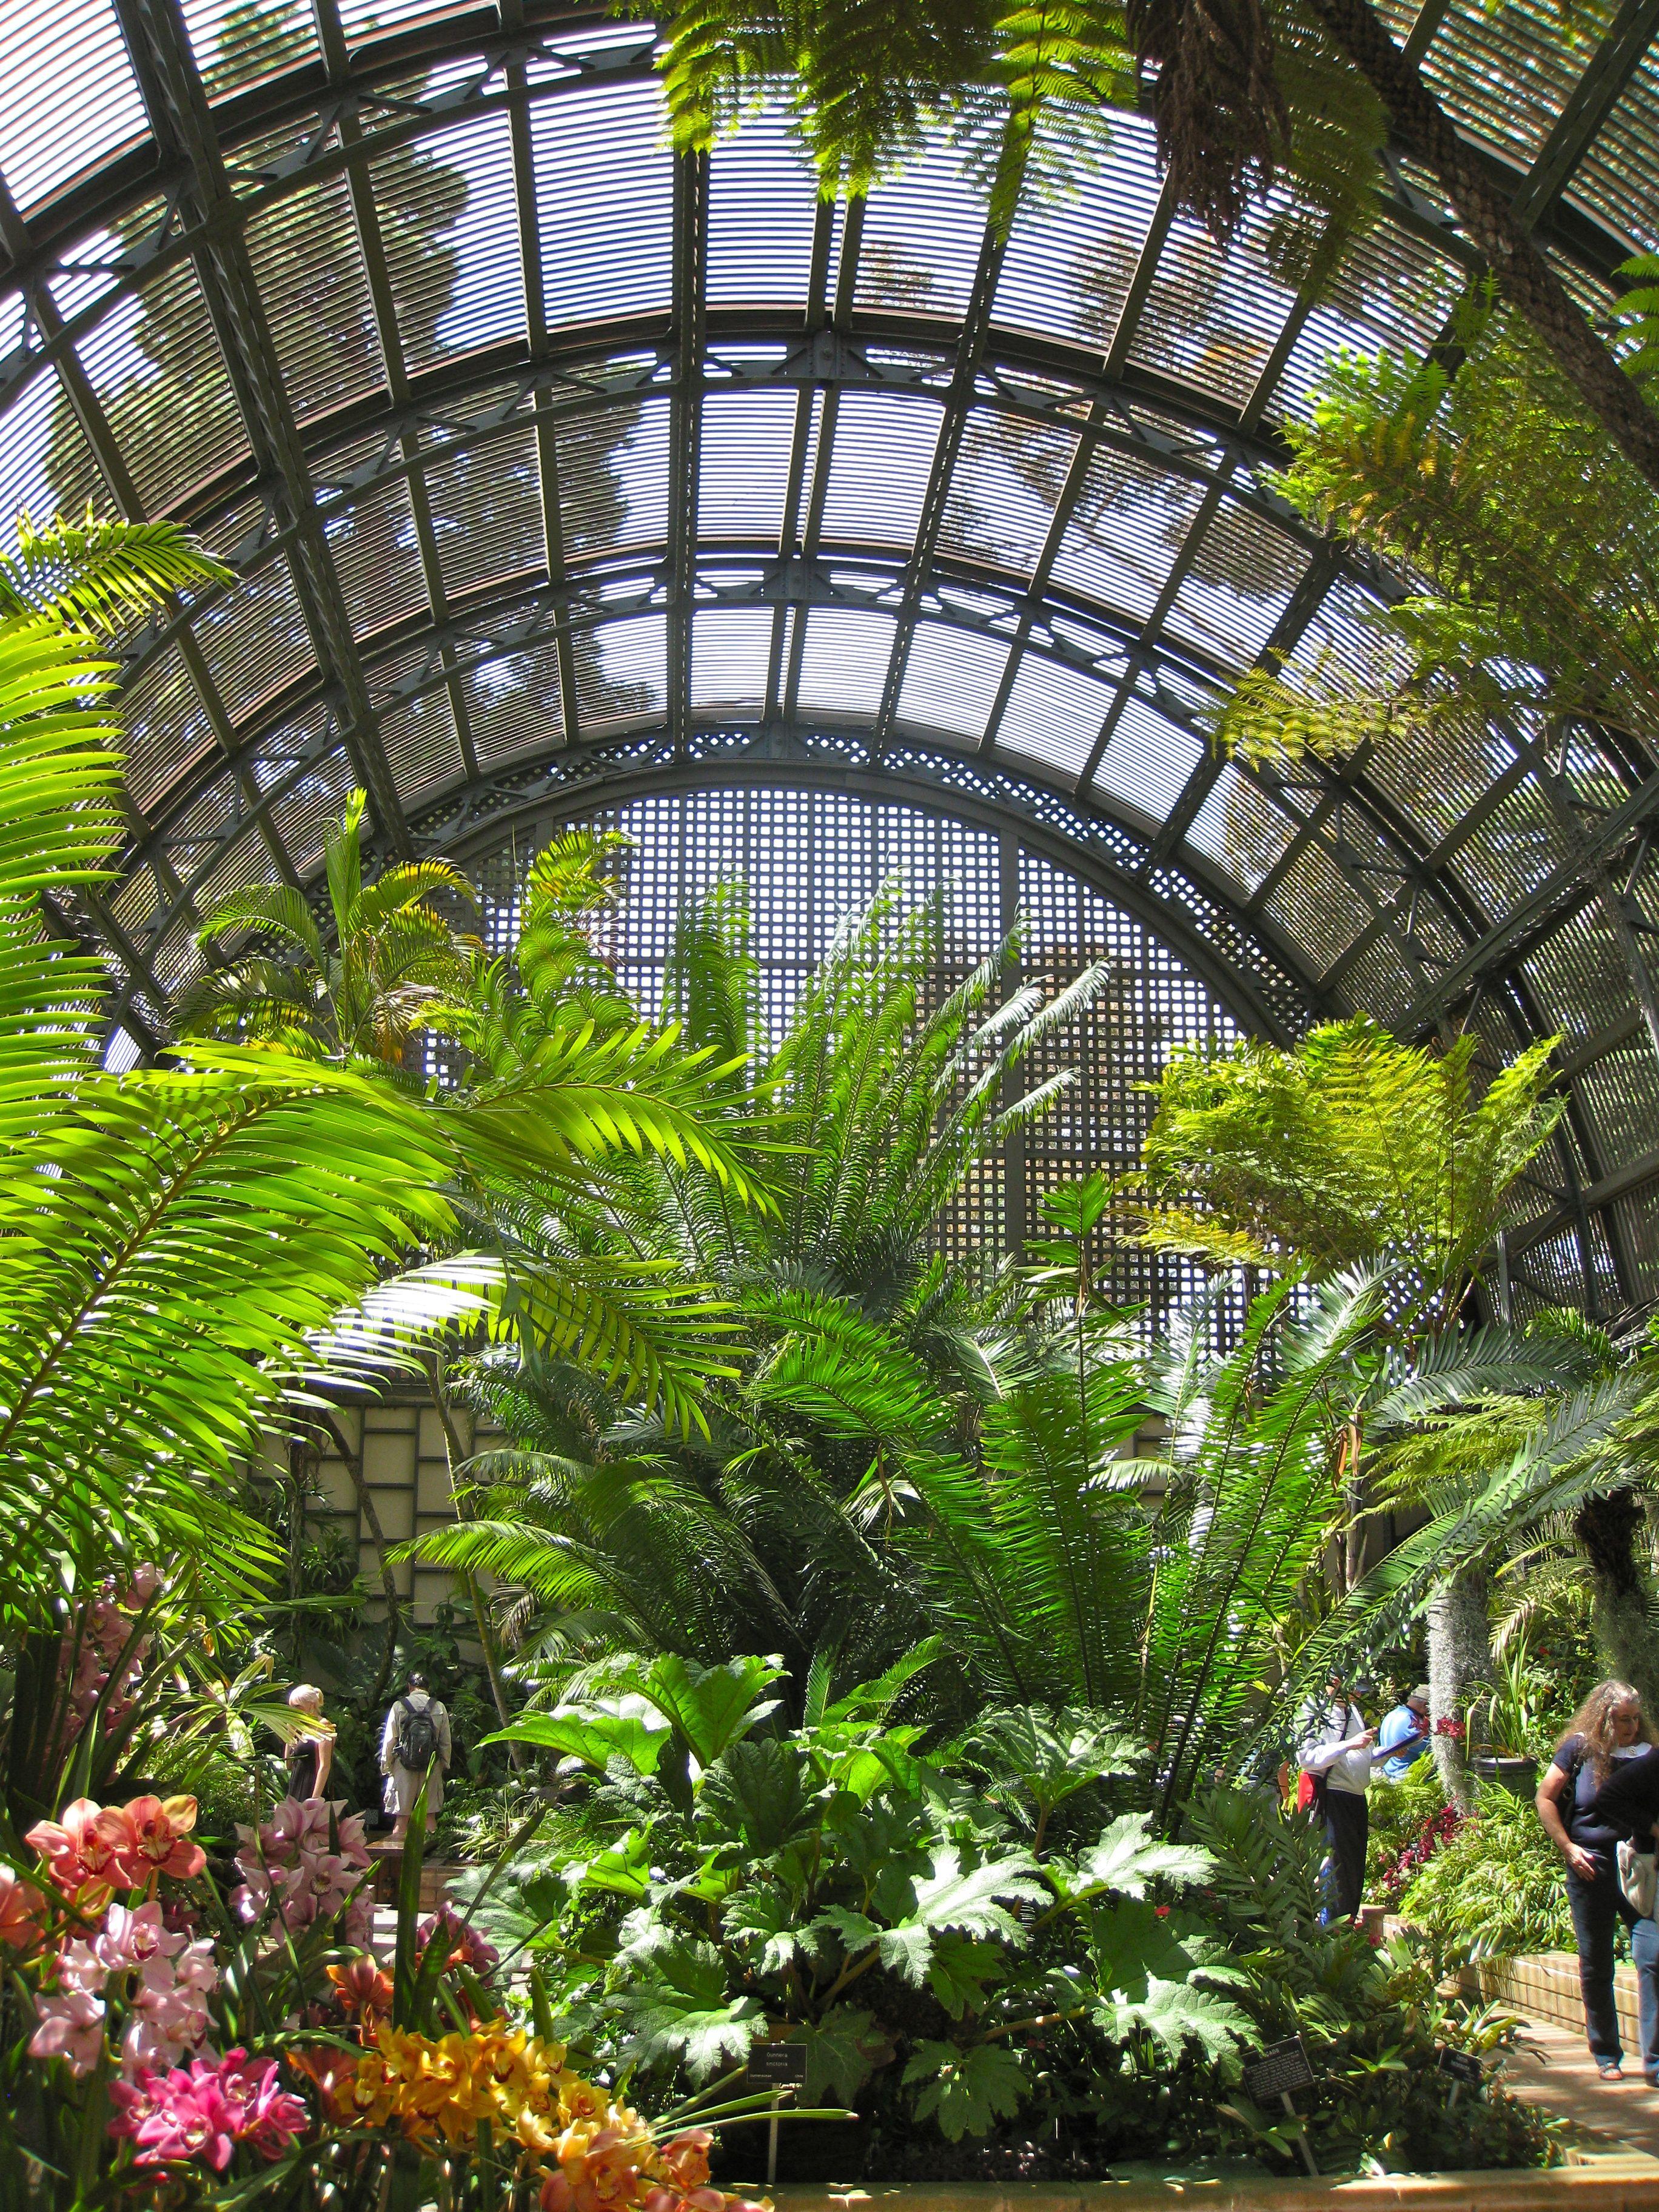 Pingl par kittymimi sur conservatory dreams pinterest for Jardin deluxe fleurs